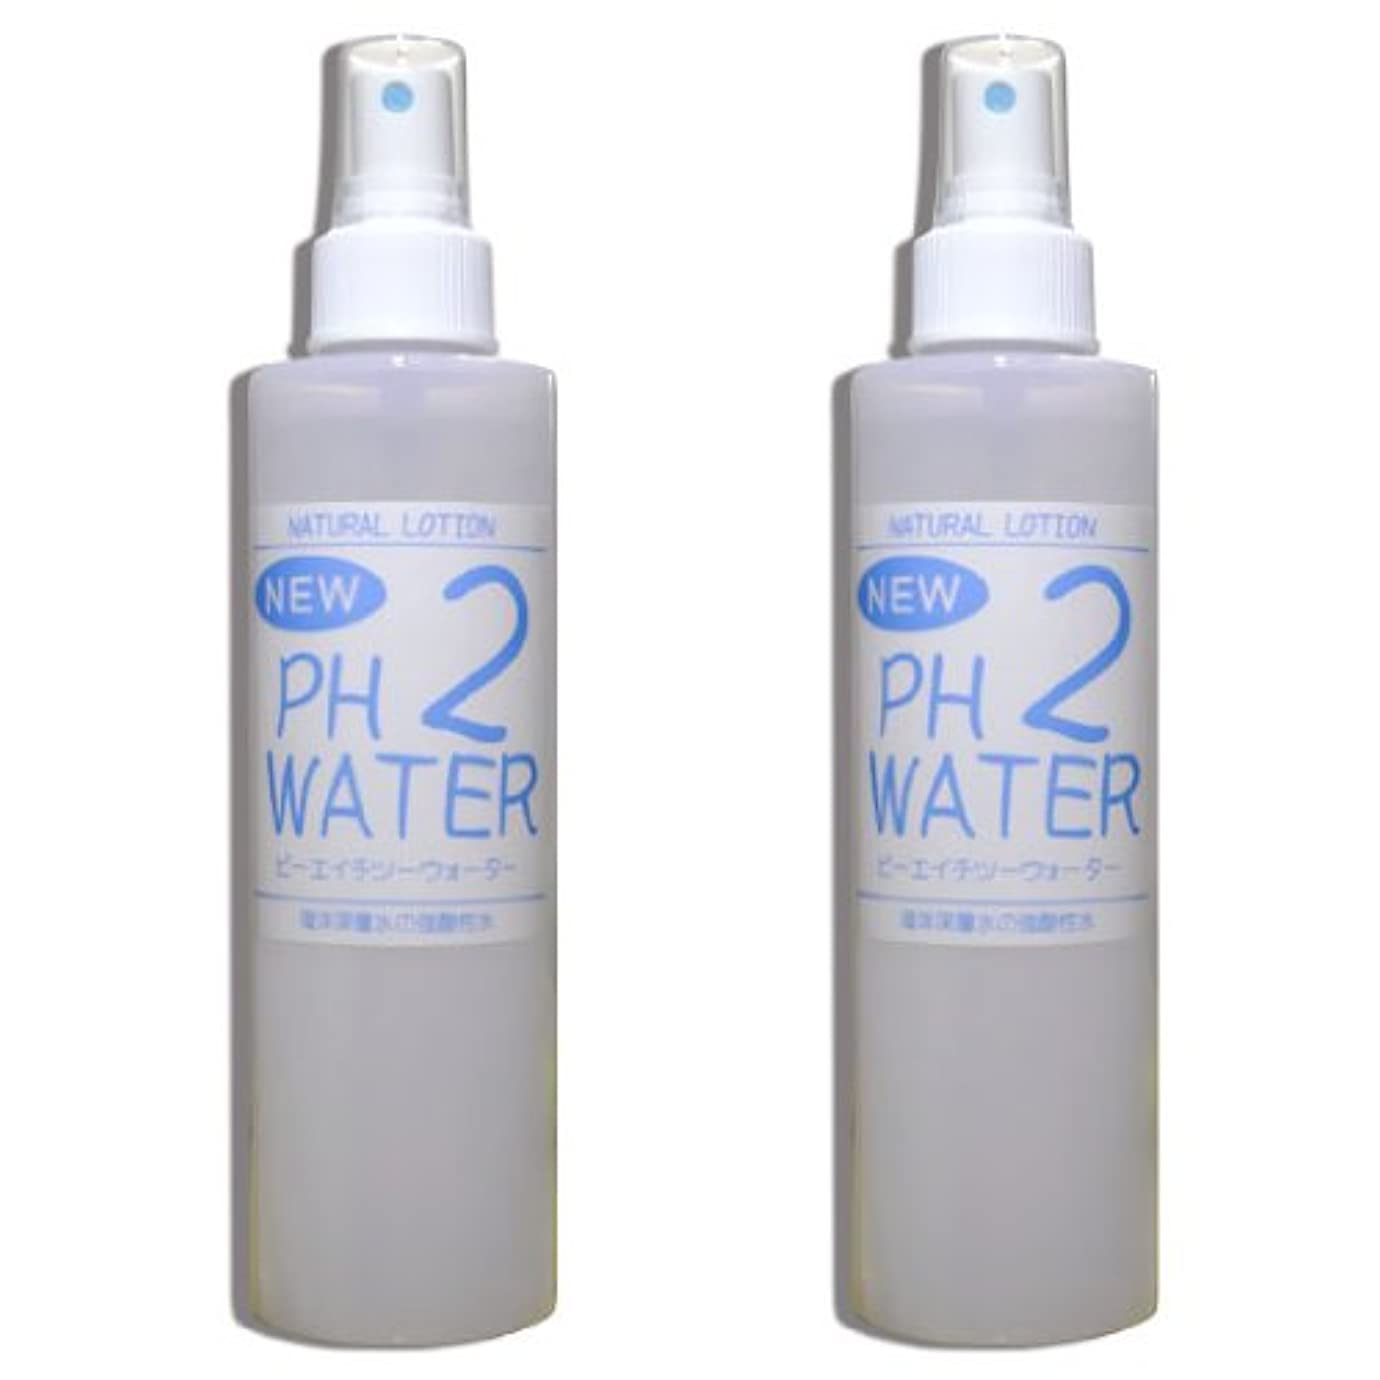 敷居事実架空の強酸性水 NEW PH2ウォーター『200mlスプレー2本セット』